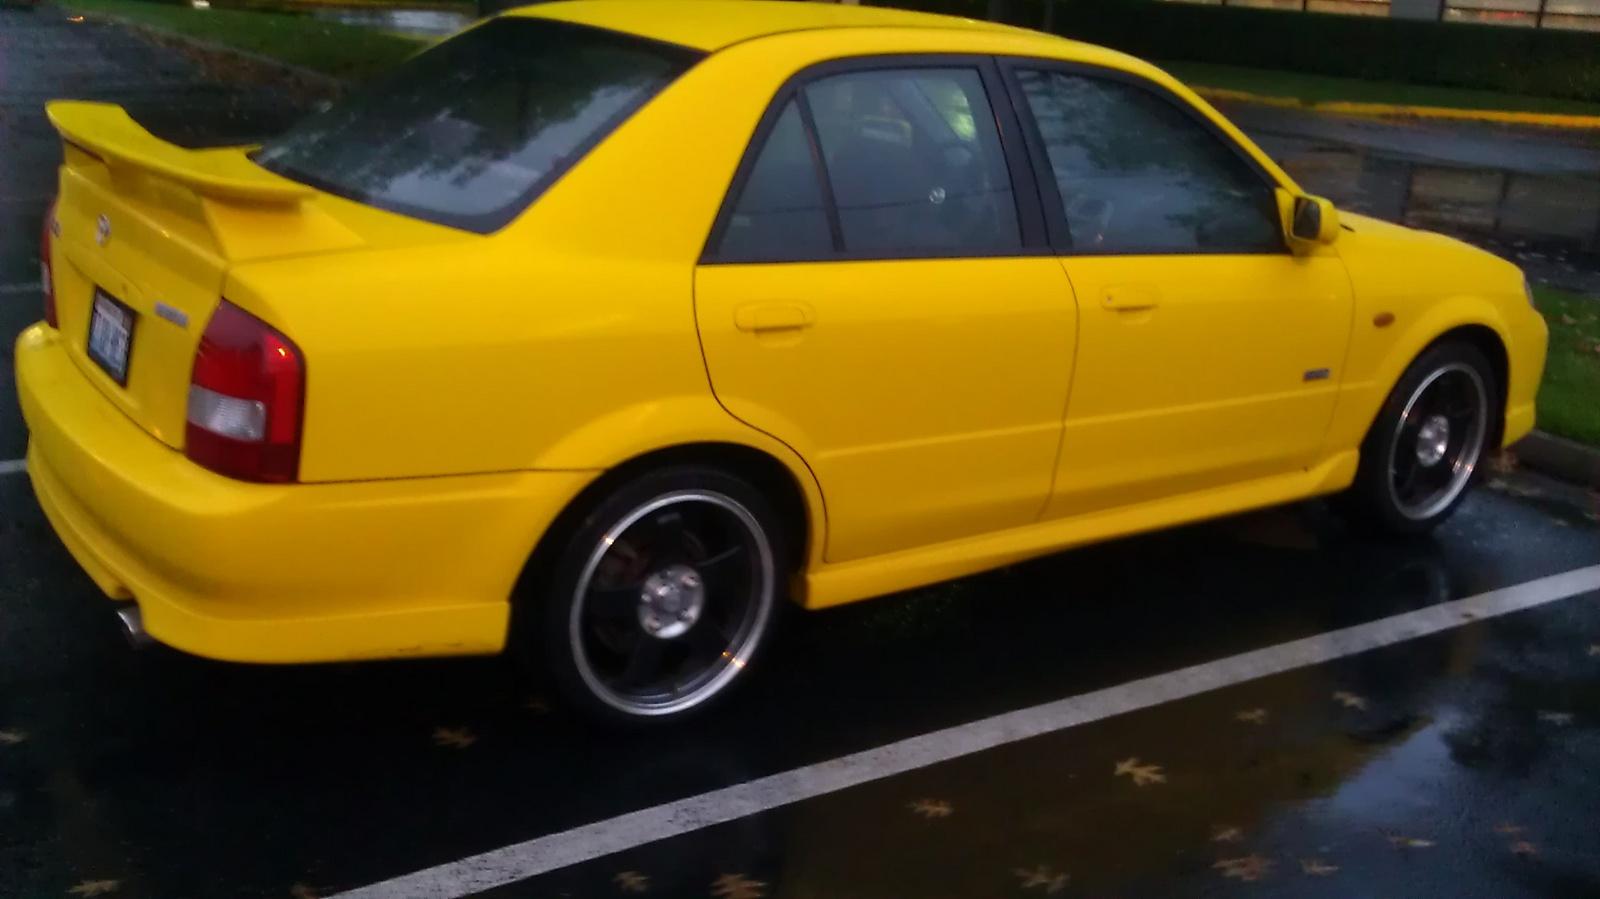 2001 Mazda Protege - Pictures - CarGurus